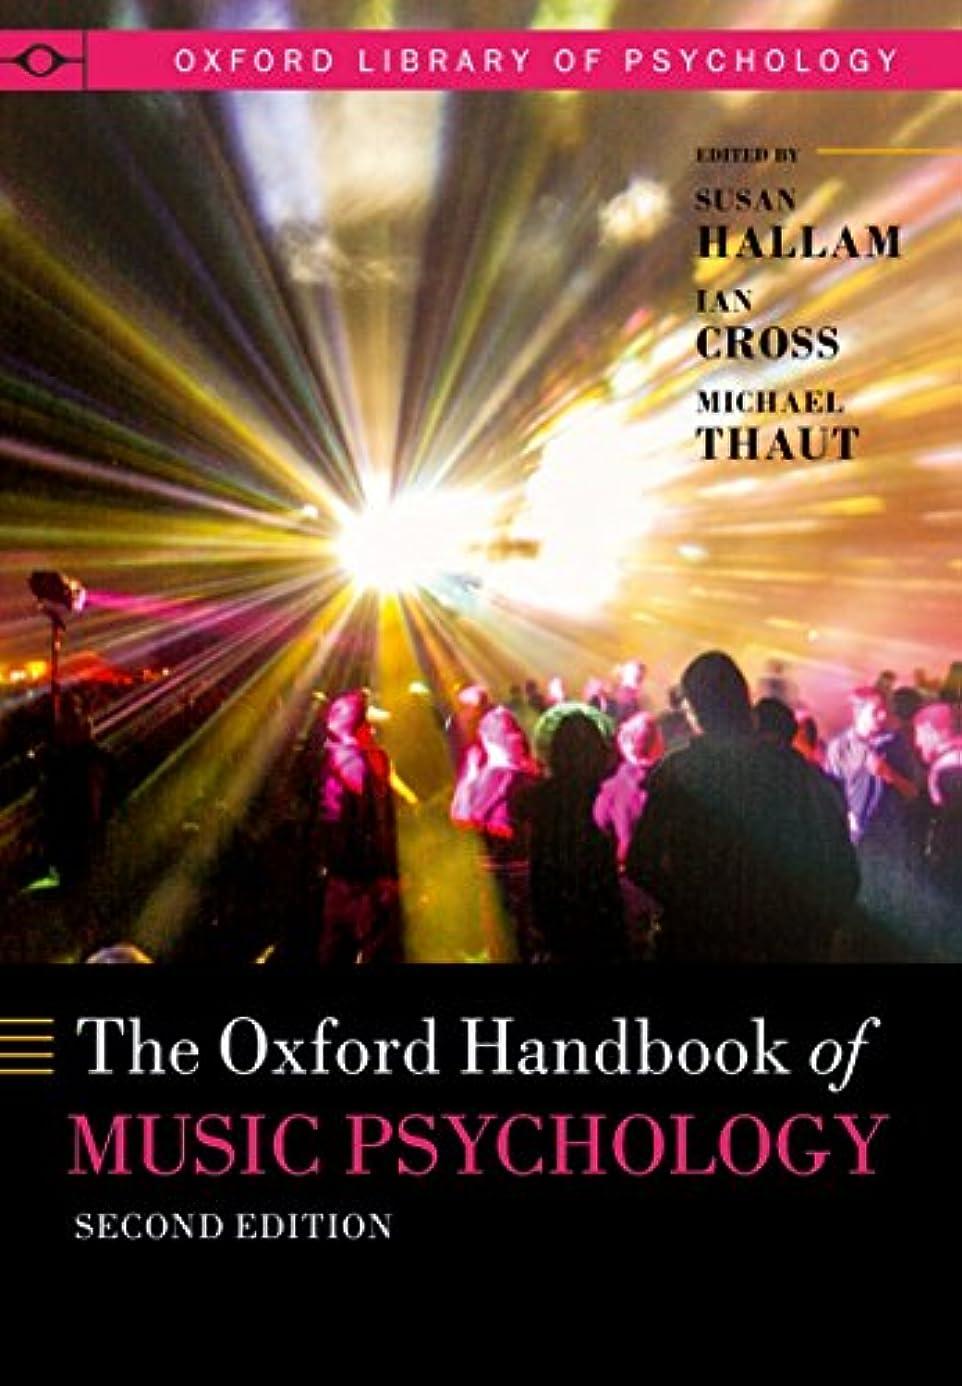 識別麻痺させる聖歌The Oxford Handbook of Music Psychology (Oxford Library of Psychology) (English Edition)